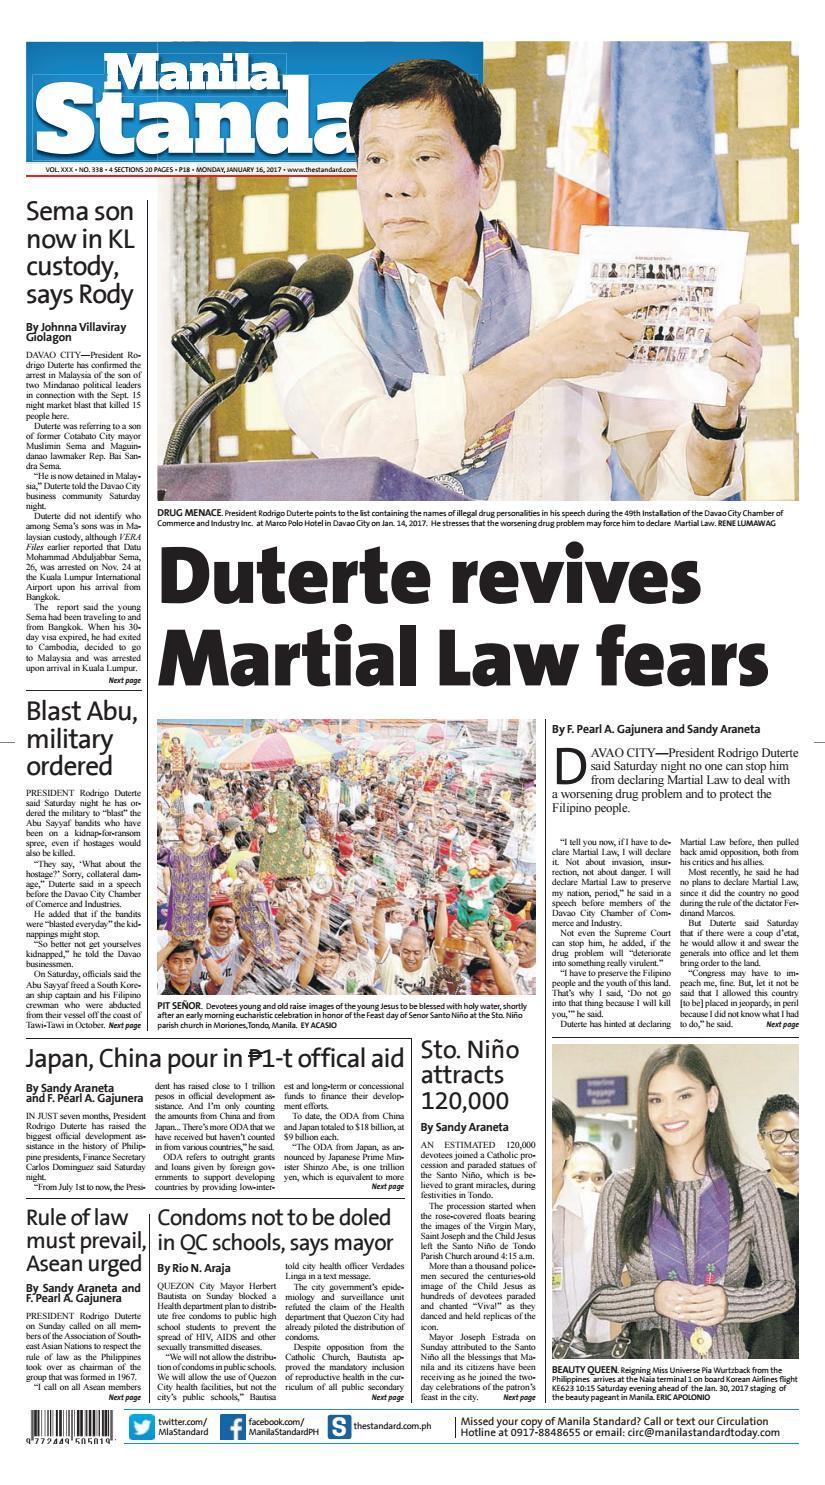 Manila Standard - 2017 January 16 - Monday by Manila